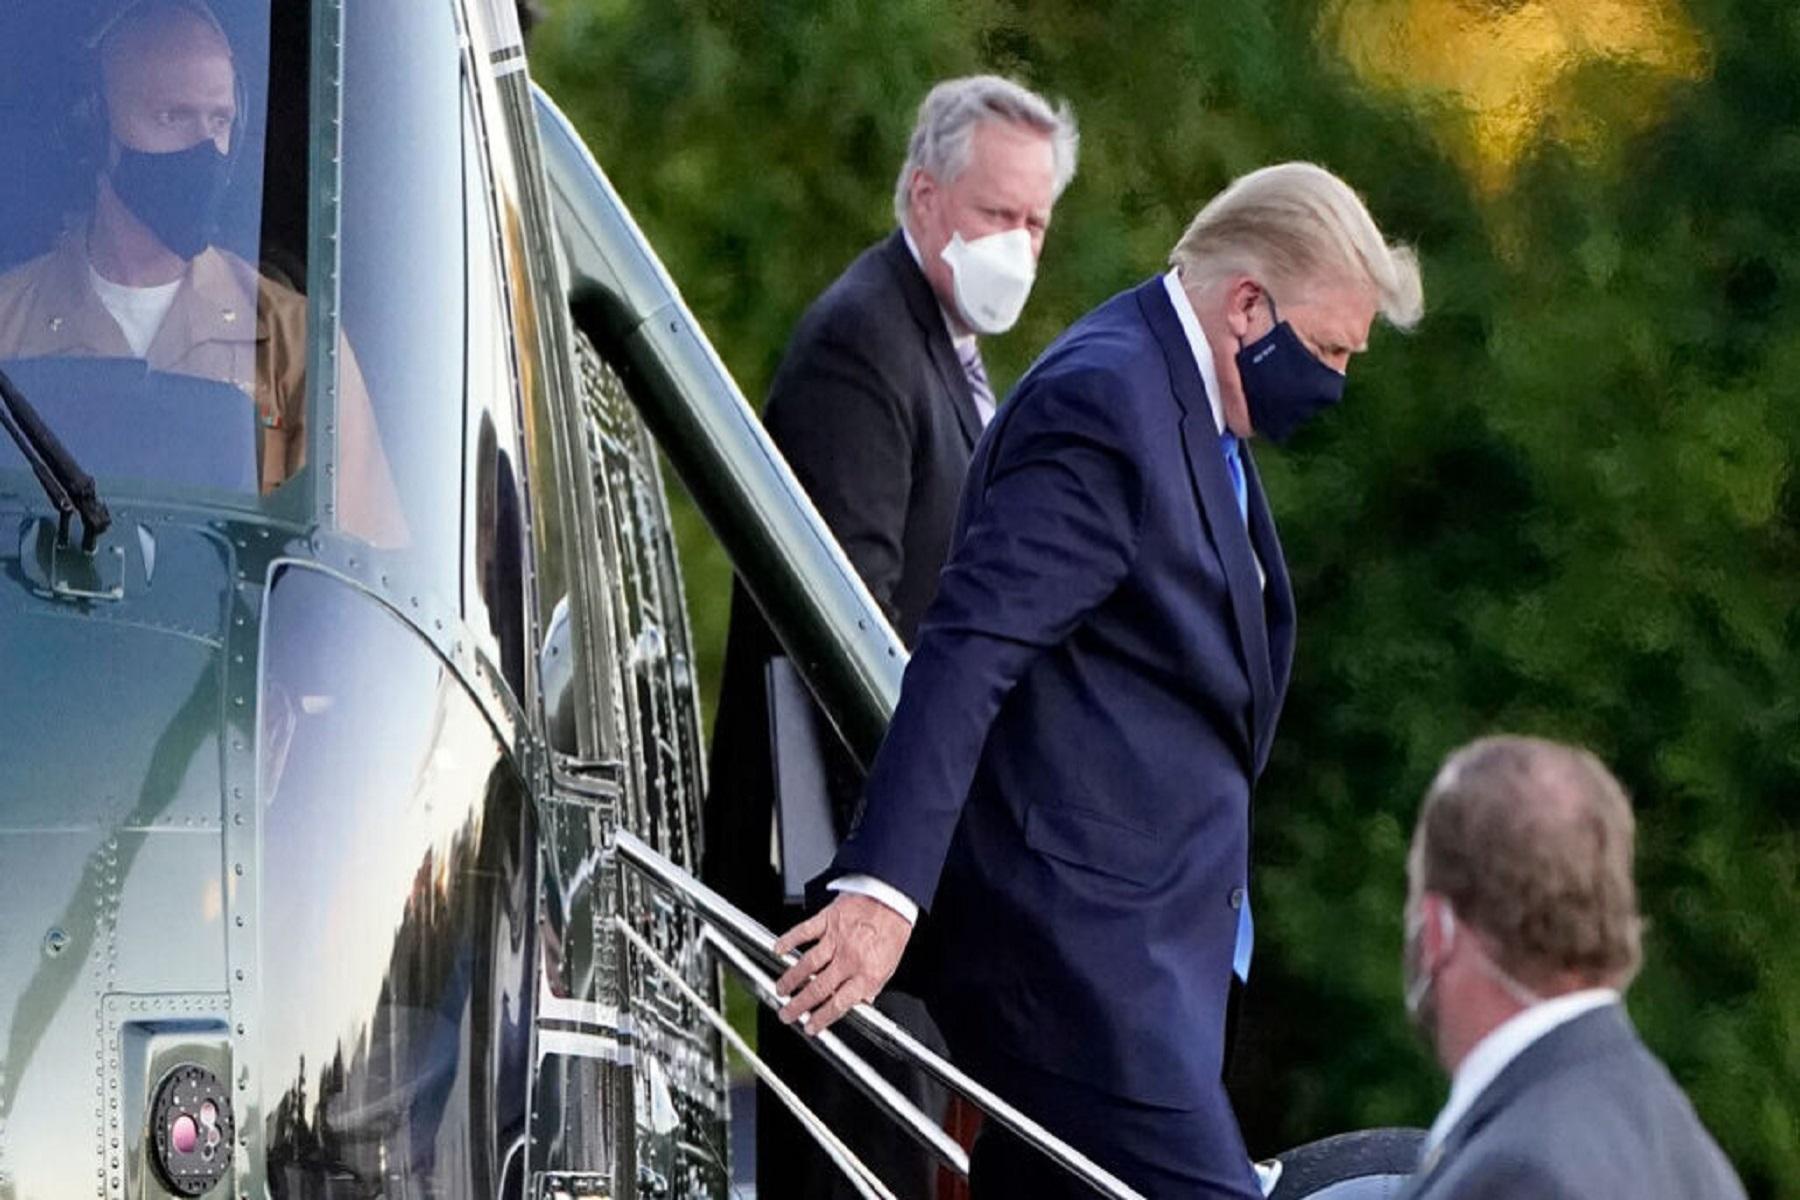 Μόσιαλος Θεραπεία: Περιγράφει το σχήμα θεραπείας του Τραμπ και αισιοδοξεί